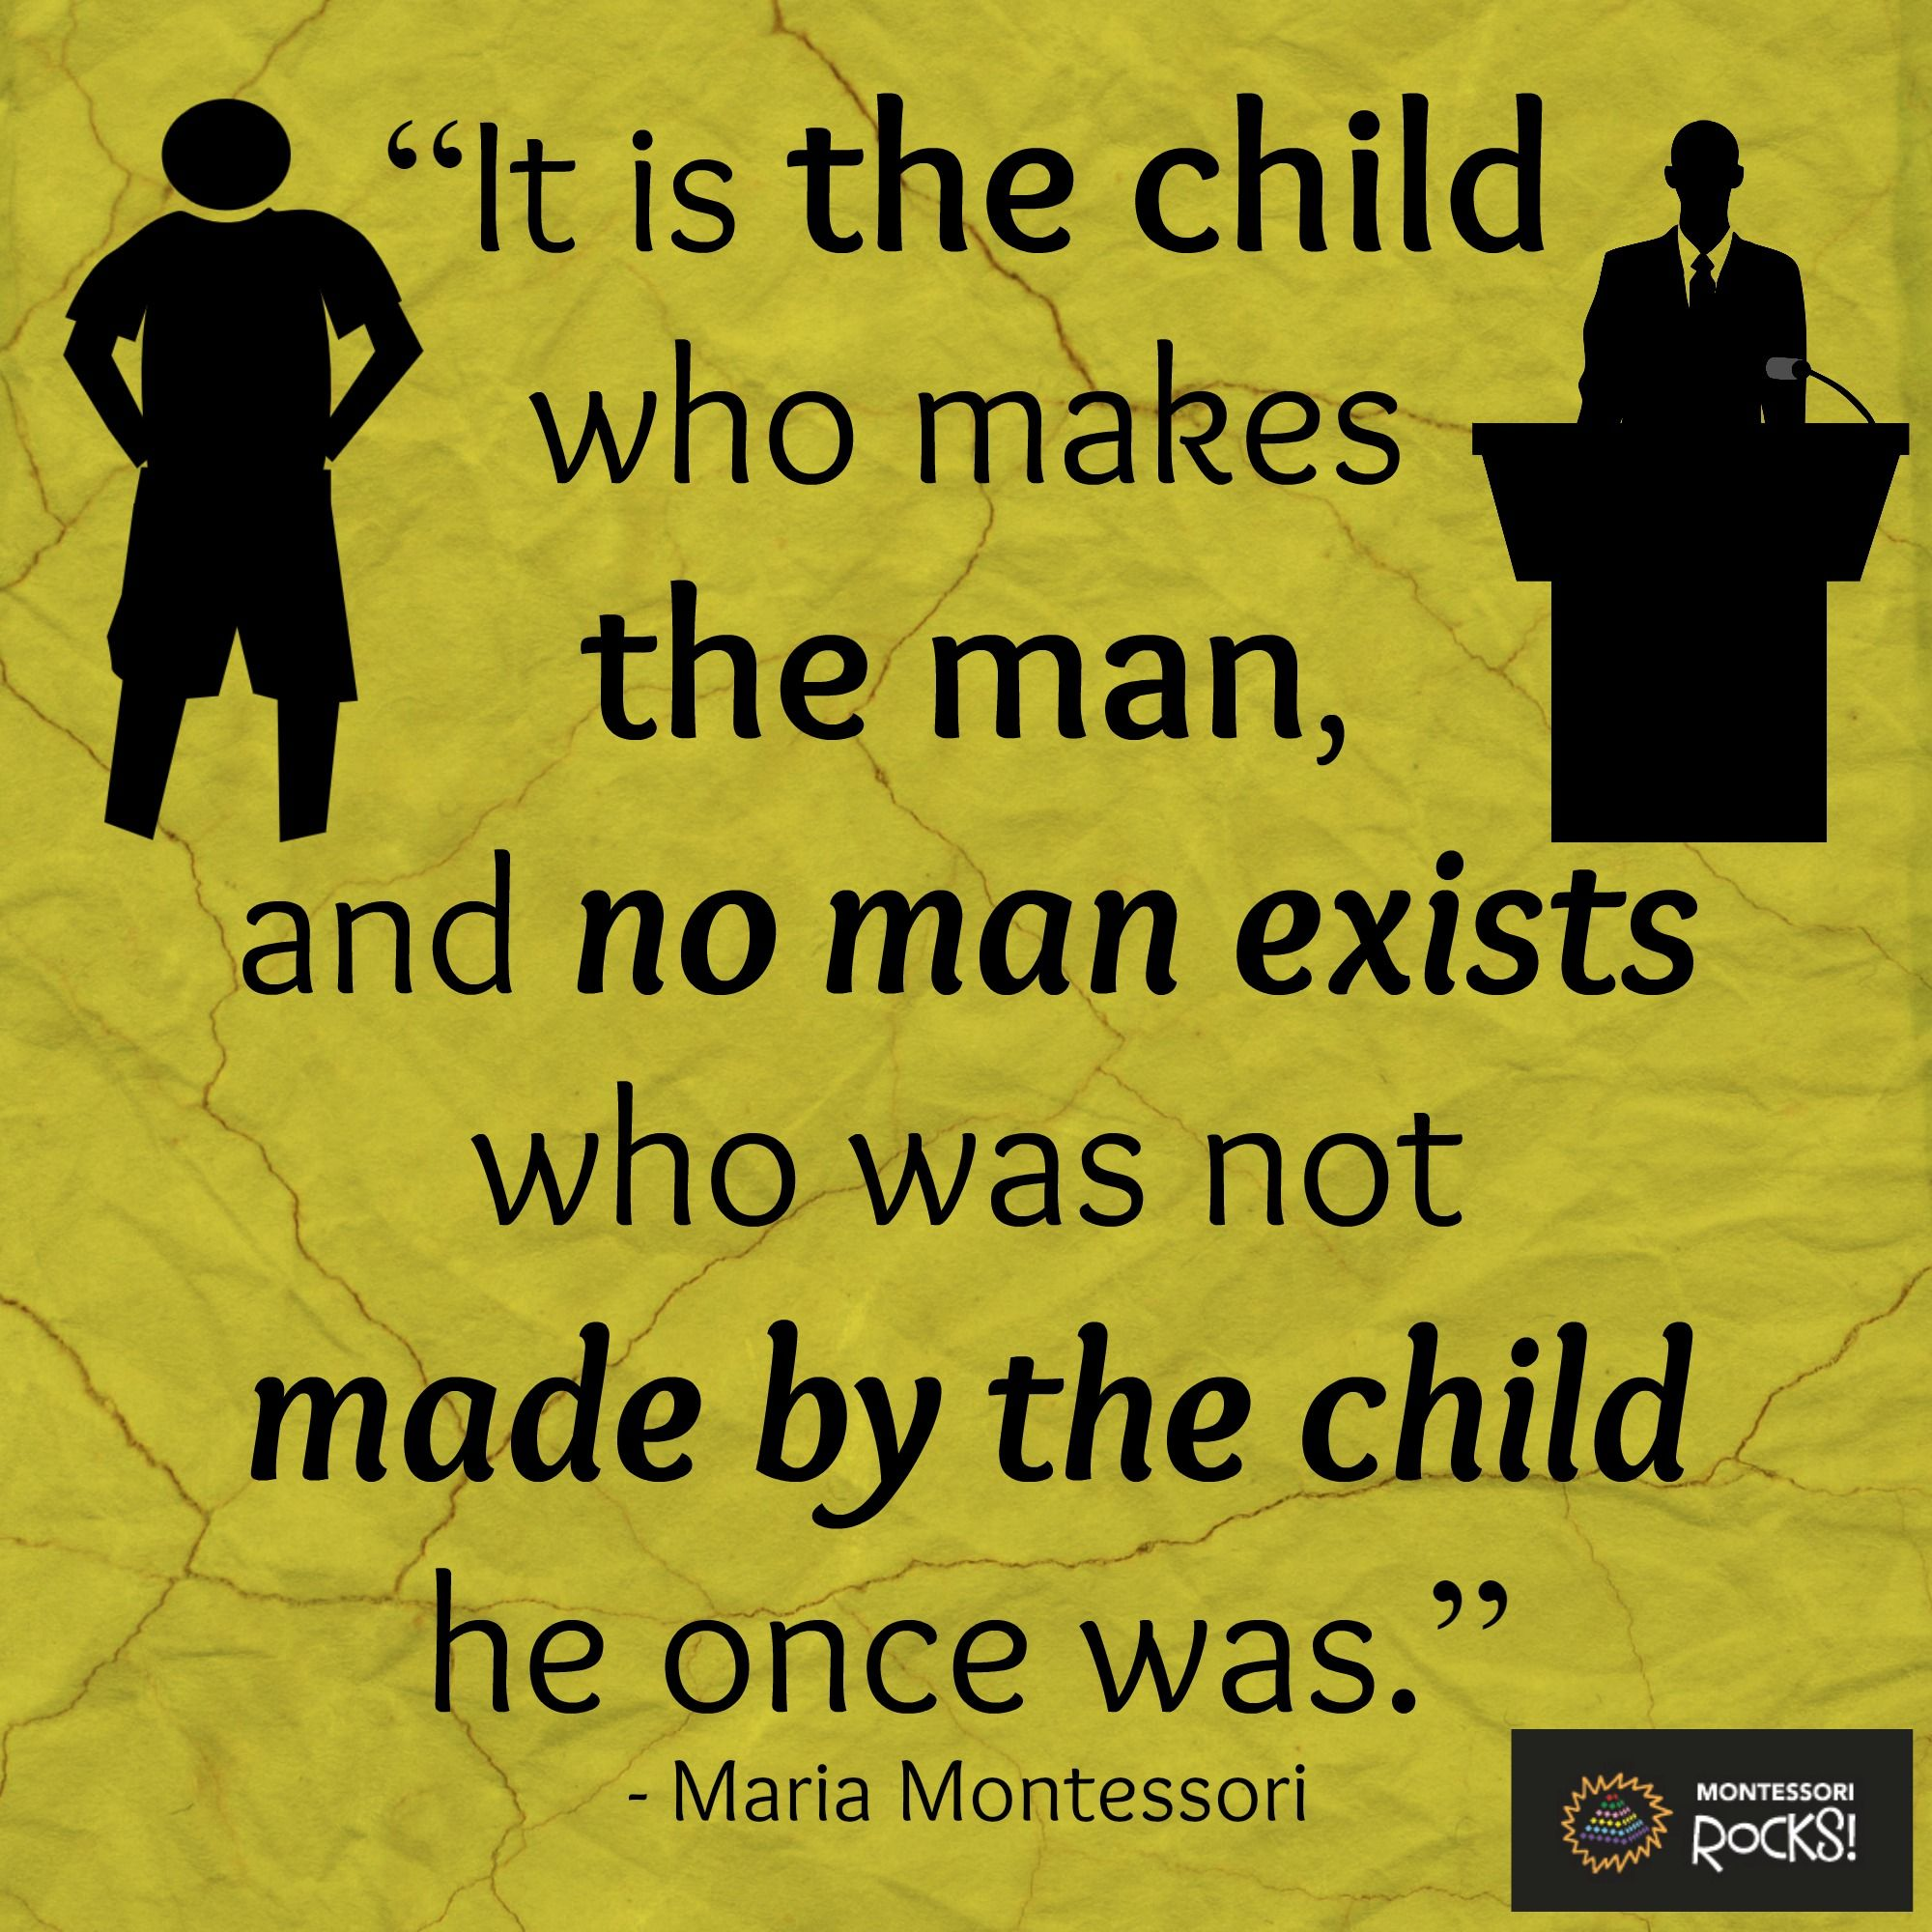 Maria Montessori Quotes: We Love Maria Montessori Quotes! #MontessoriRocks